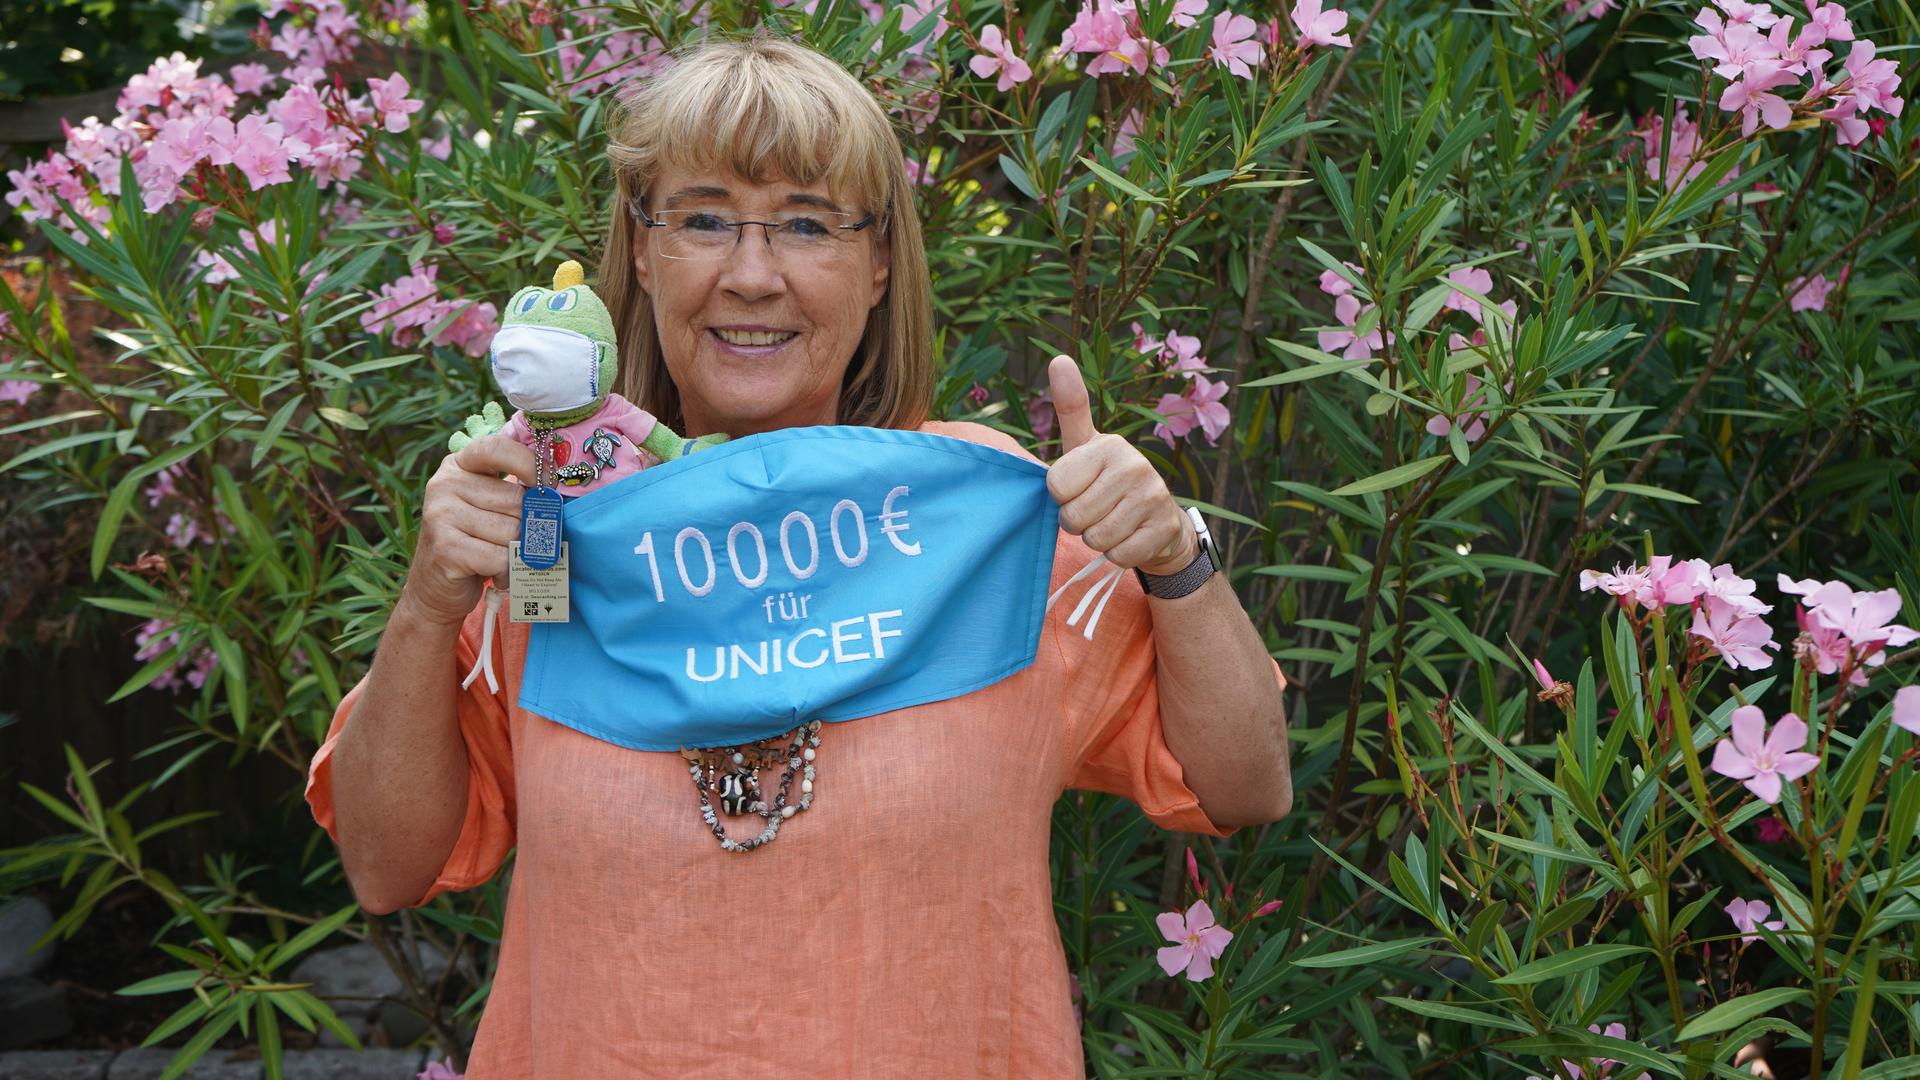 Demnächst sind es 12.000 Euro: Der Erlös von Ursula Grass' Maskenaktion kommt Unicef zugute.